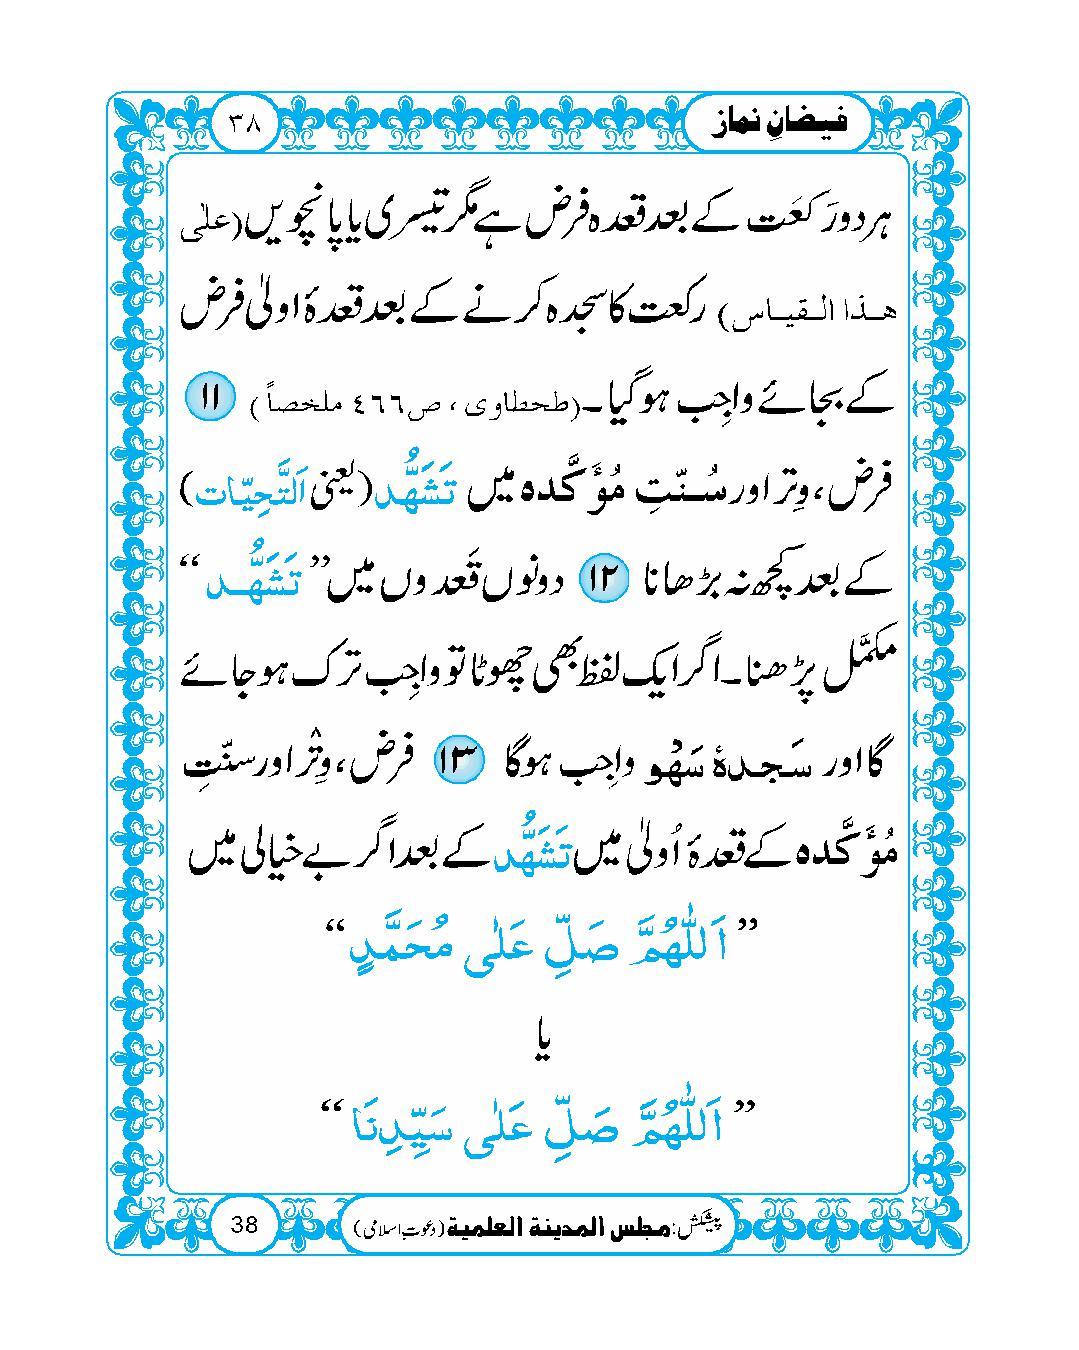 page No 38